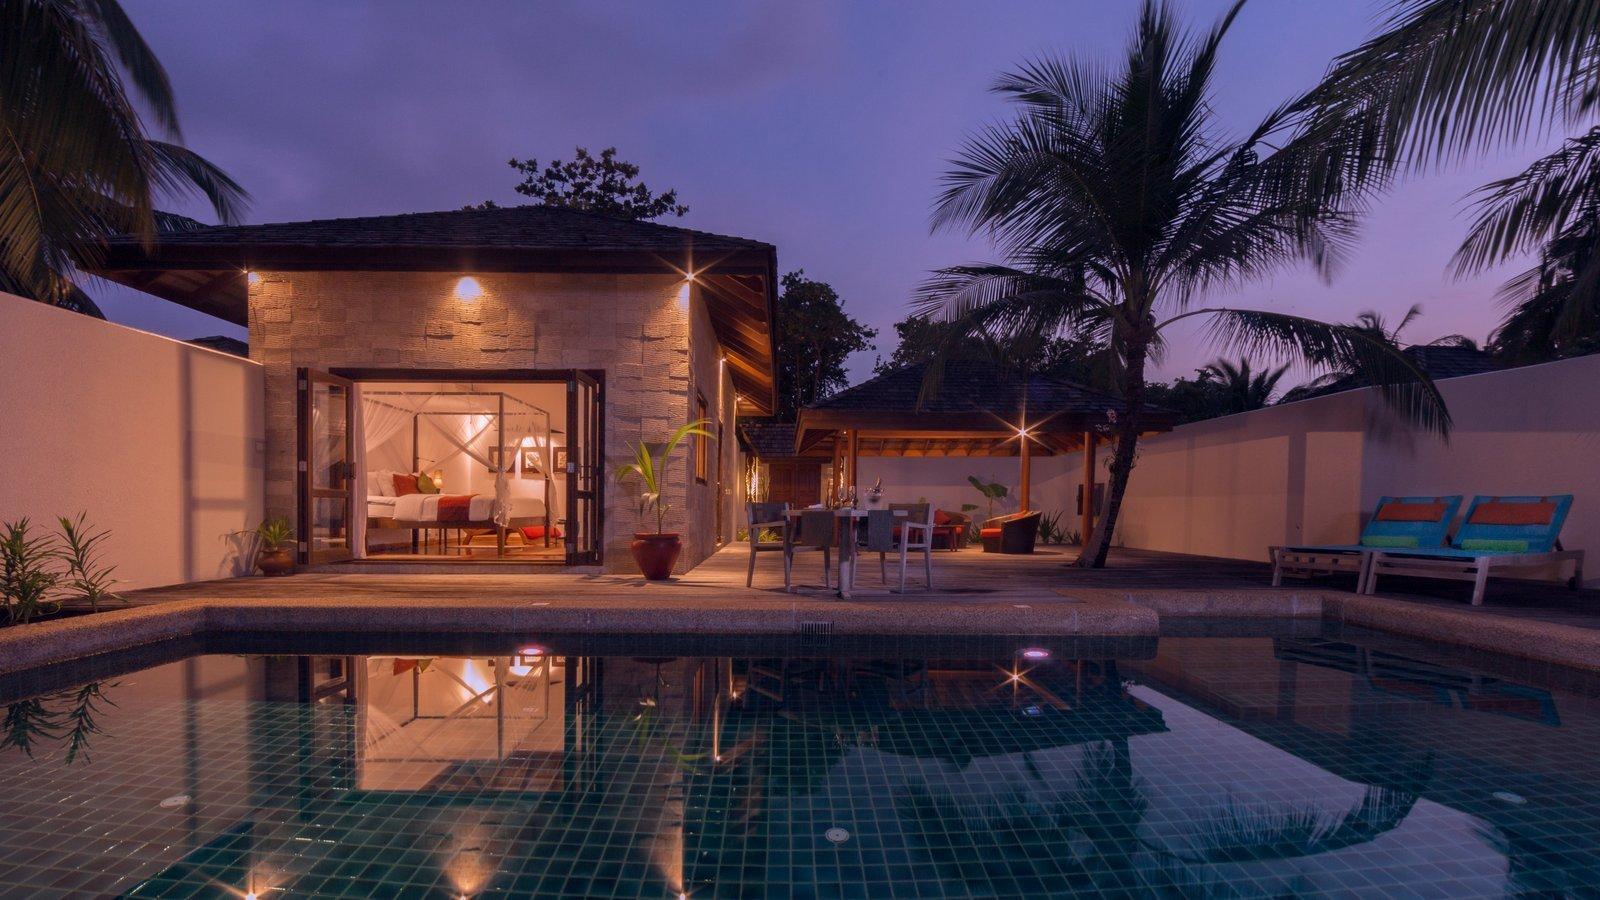 Мальдивы, отель Kuredu Island Resort, номер Private Pool Villa